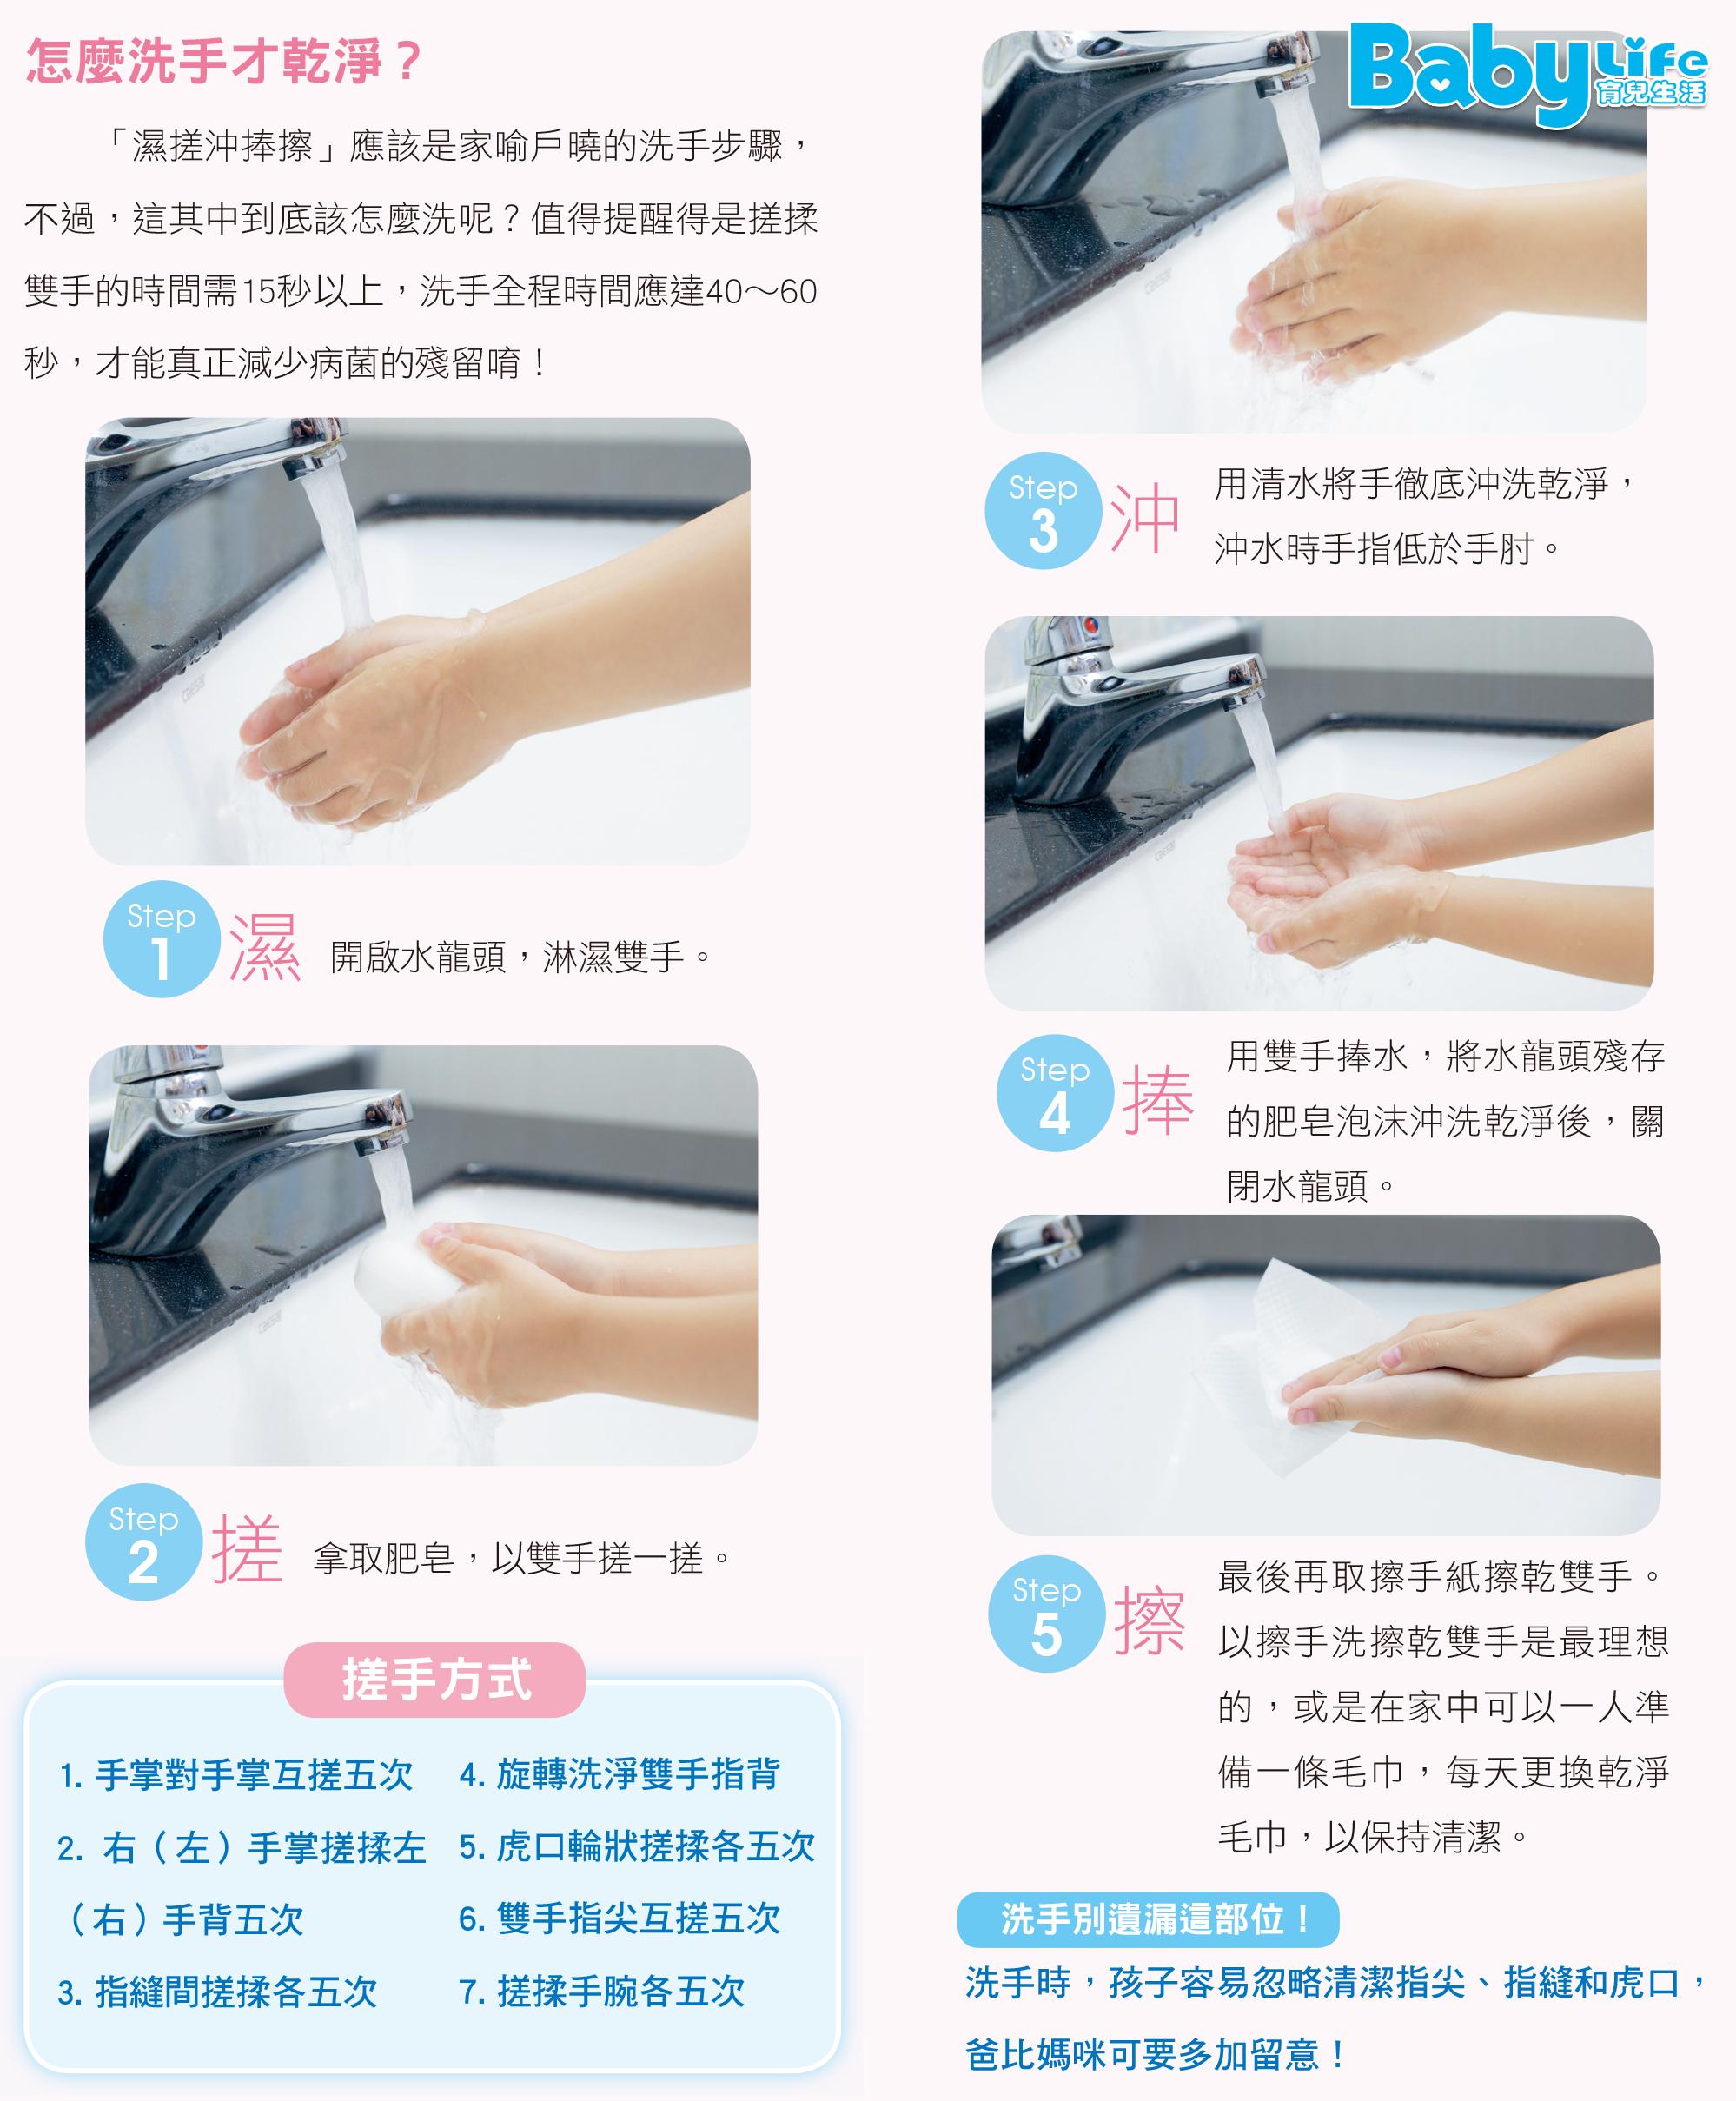 洗手五步驟,濕搓沖捧擦